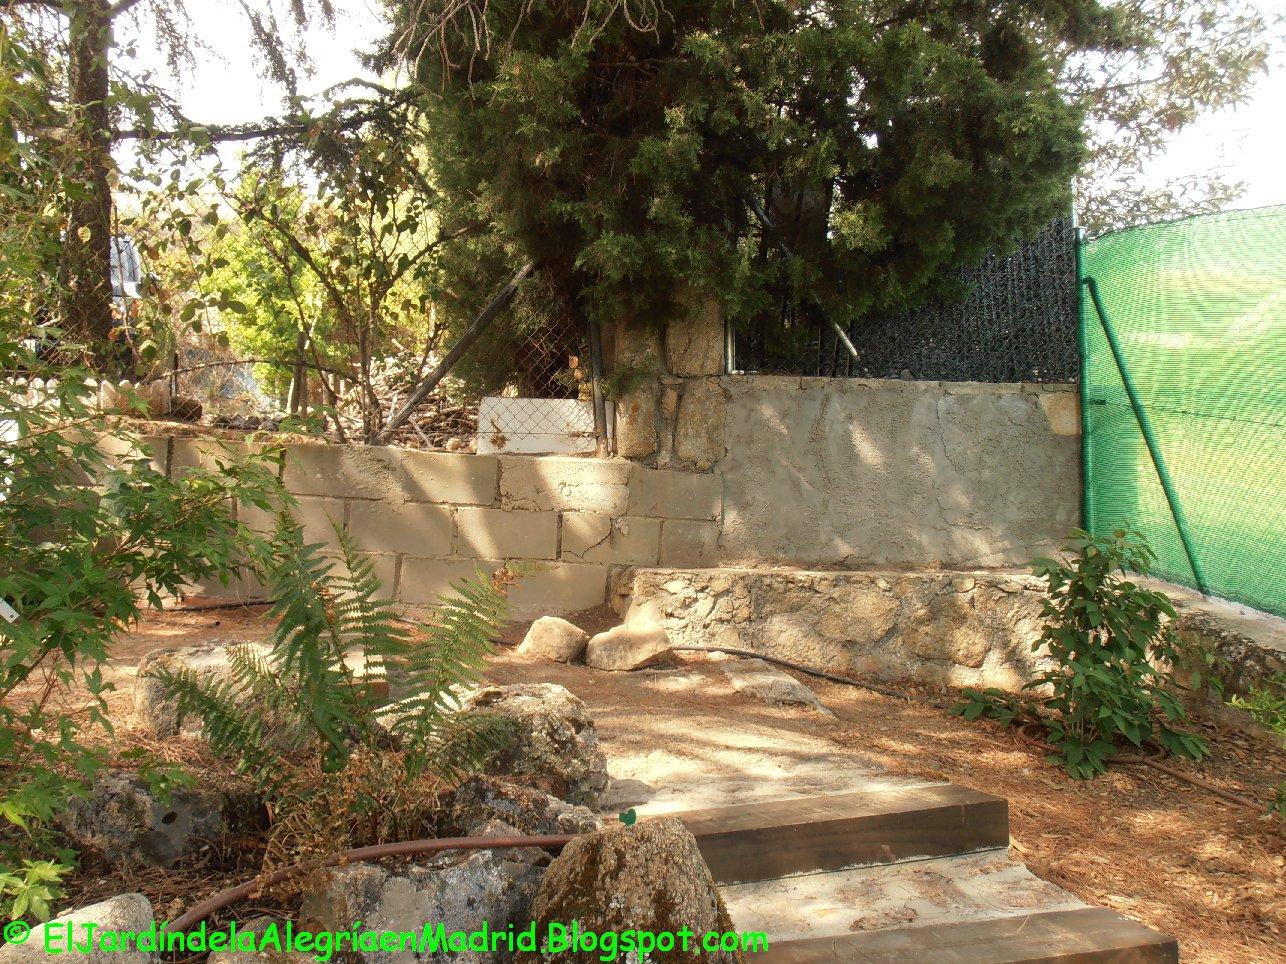 El jard n de la alegr a c mo instalar una valla met lica for Cancion el jardin de la alegria